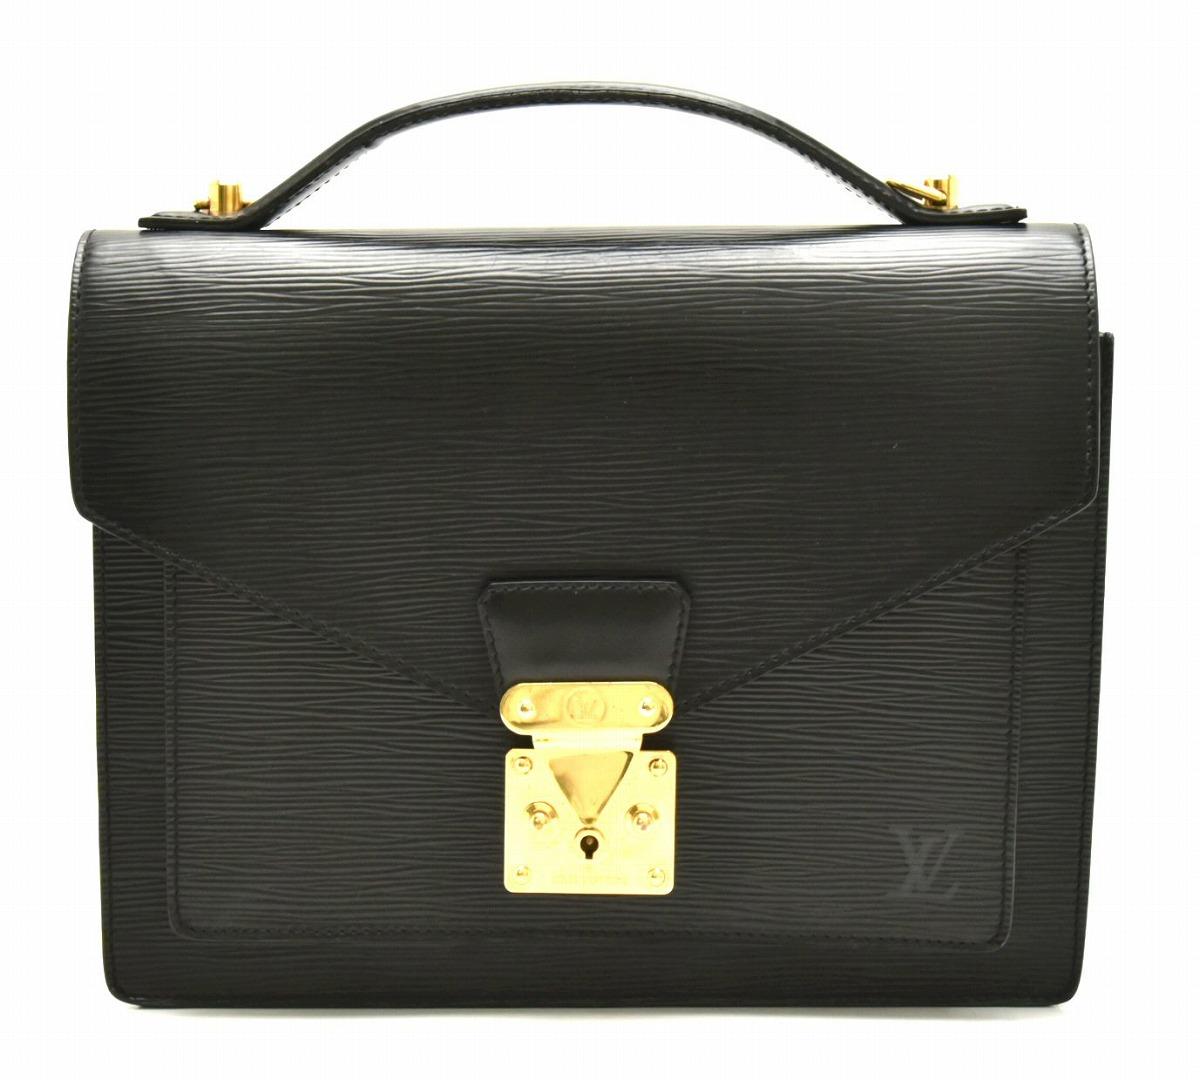 【バッグ】LOUIS VUITTON ルイ ヴィトン エピ モンソー28 セカンドバッグ クラッチバッグ レザー ノワール 黒 ブラック ゴールド金具 M52122 【中古】【k】